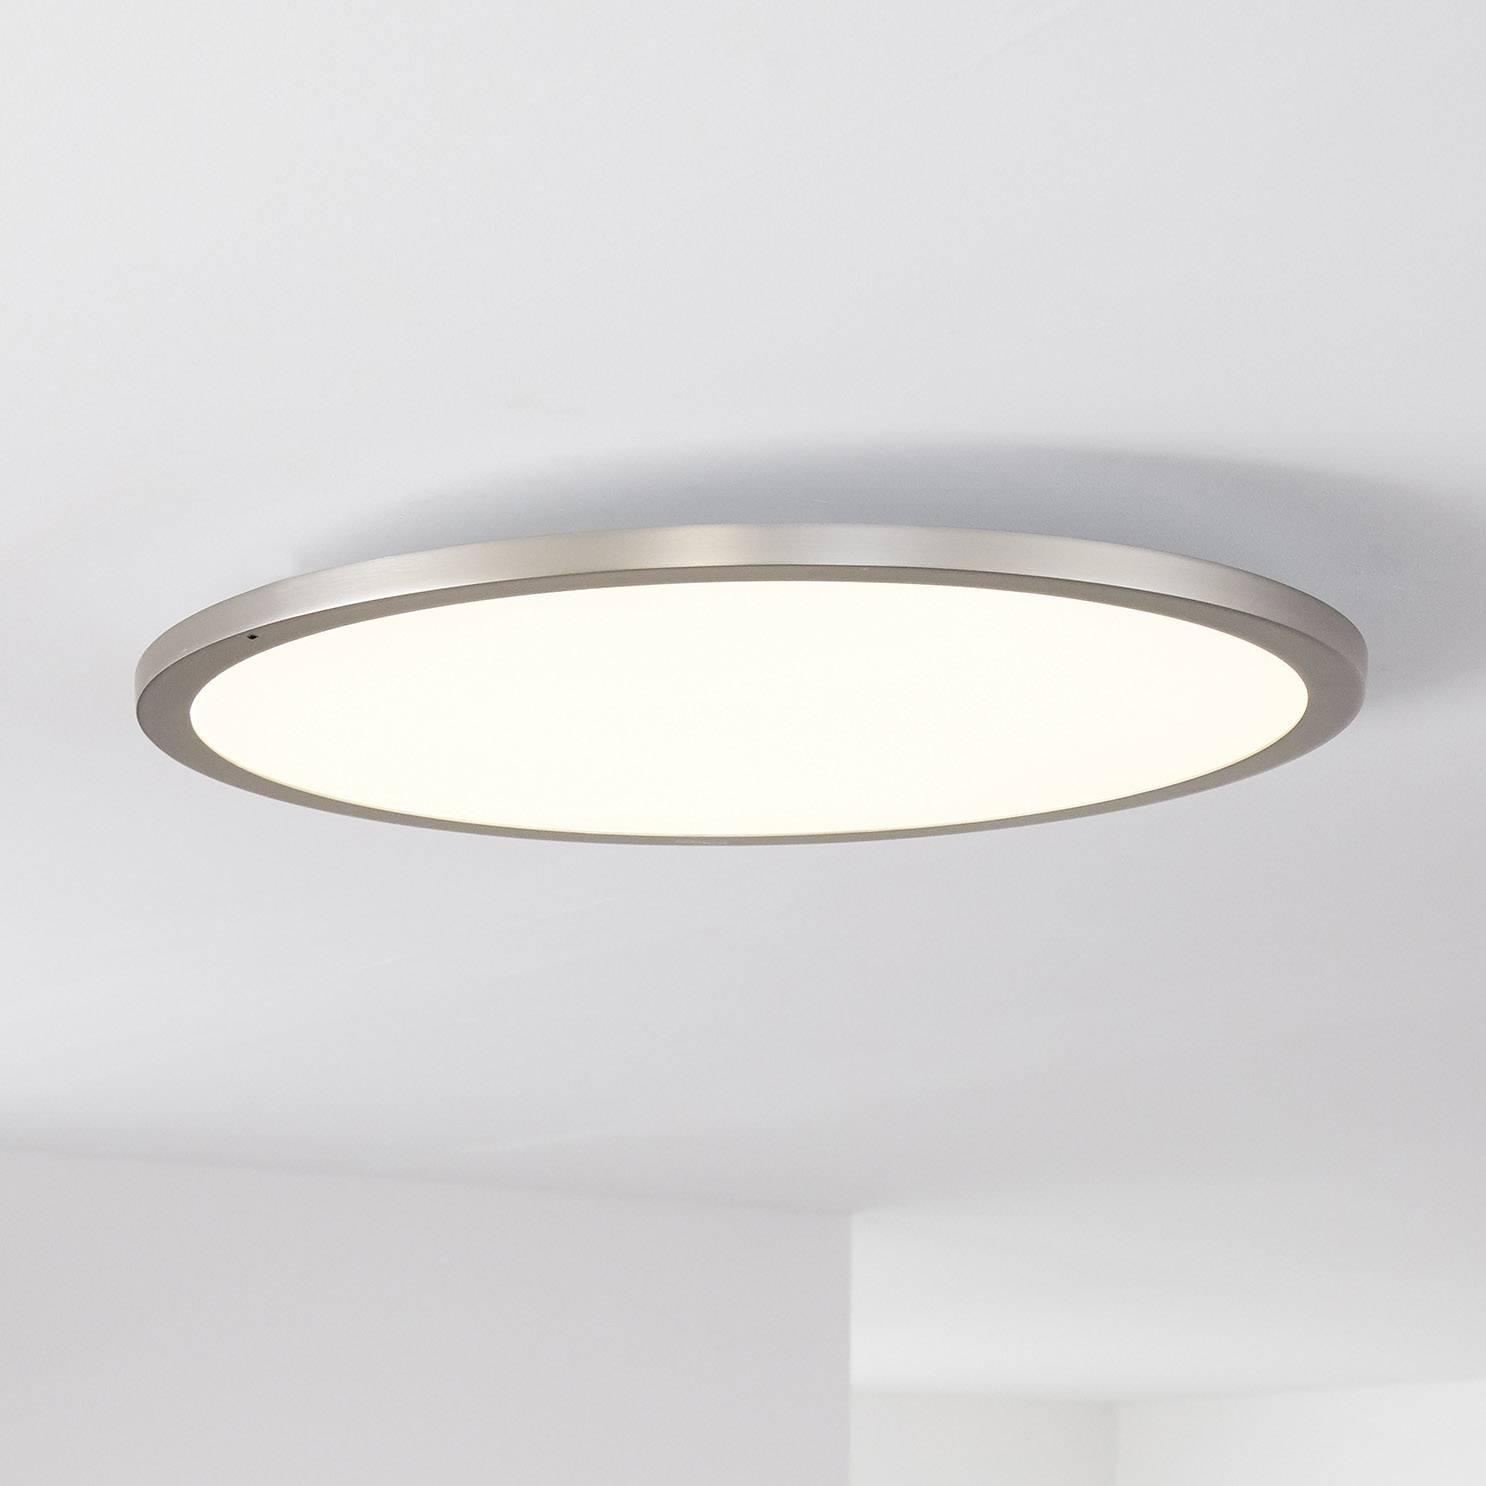 LED panel Brilliant WiZ Smooth, pevně vestavěné LED, 46 W, teplá bílá, neutrálně bílá, denní světlo